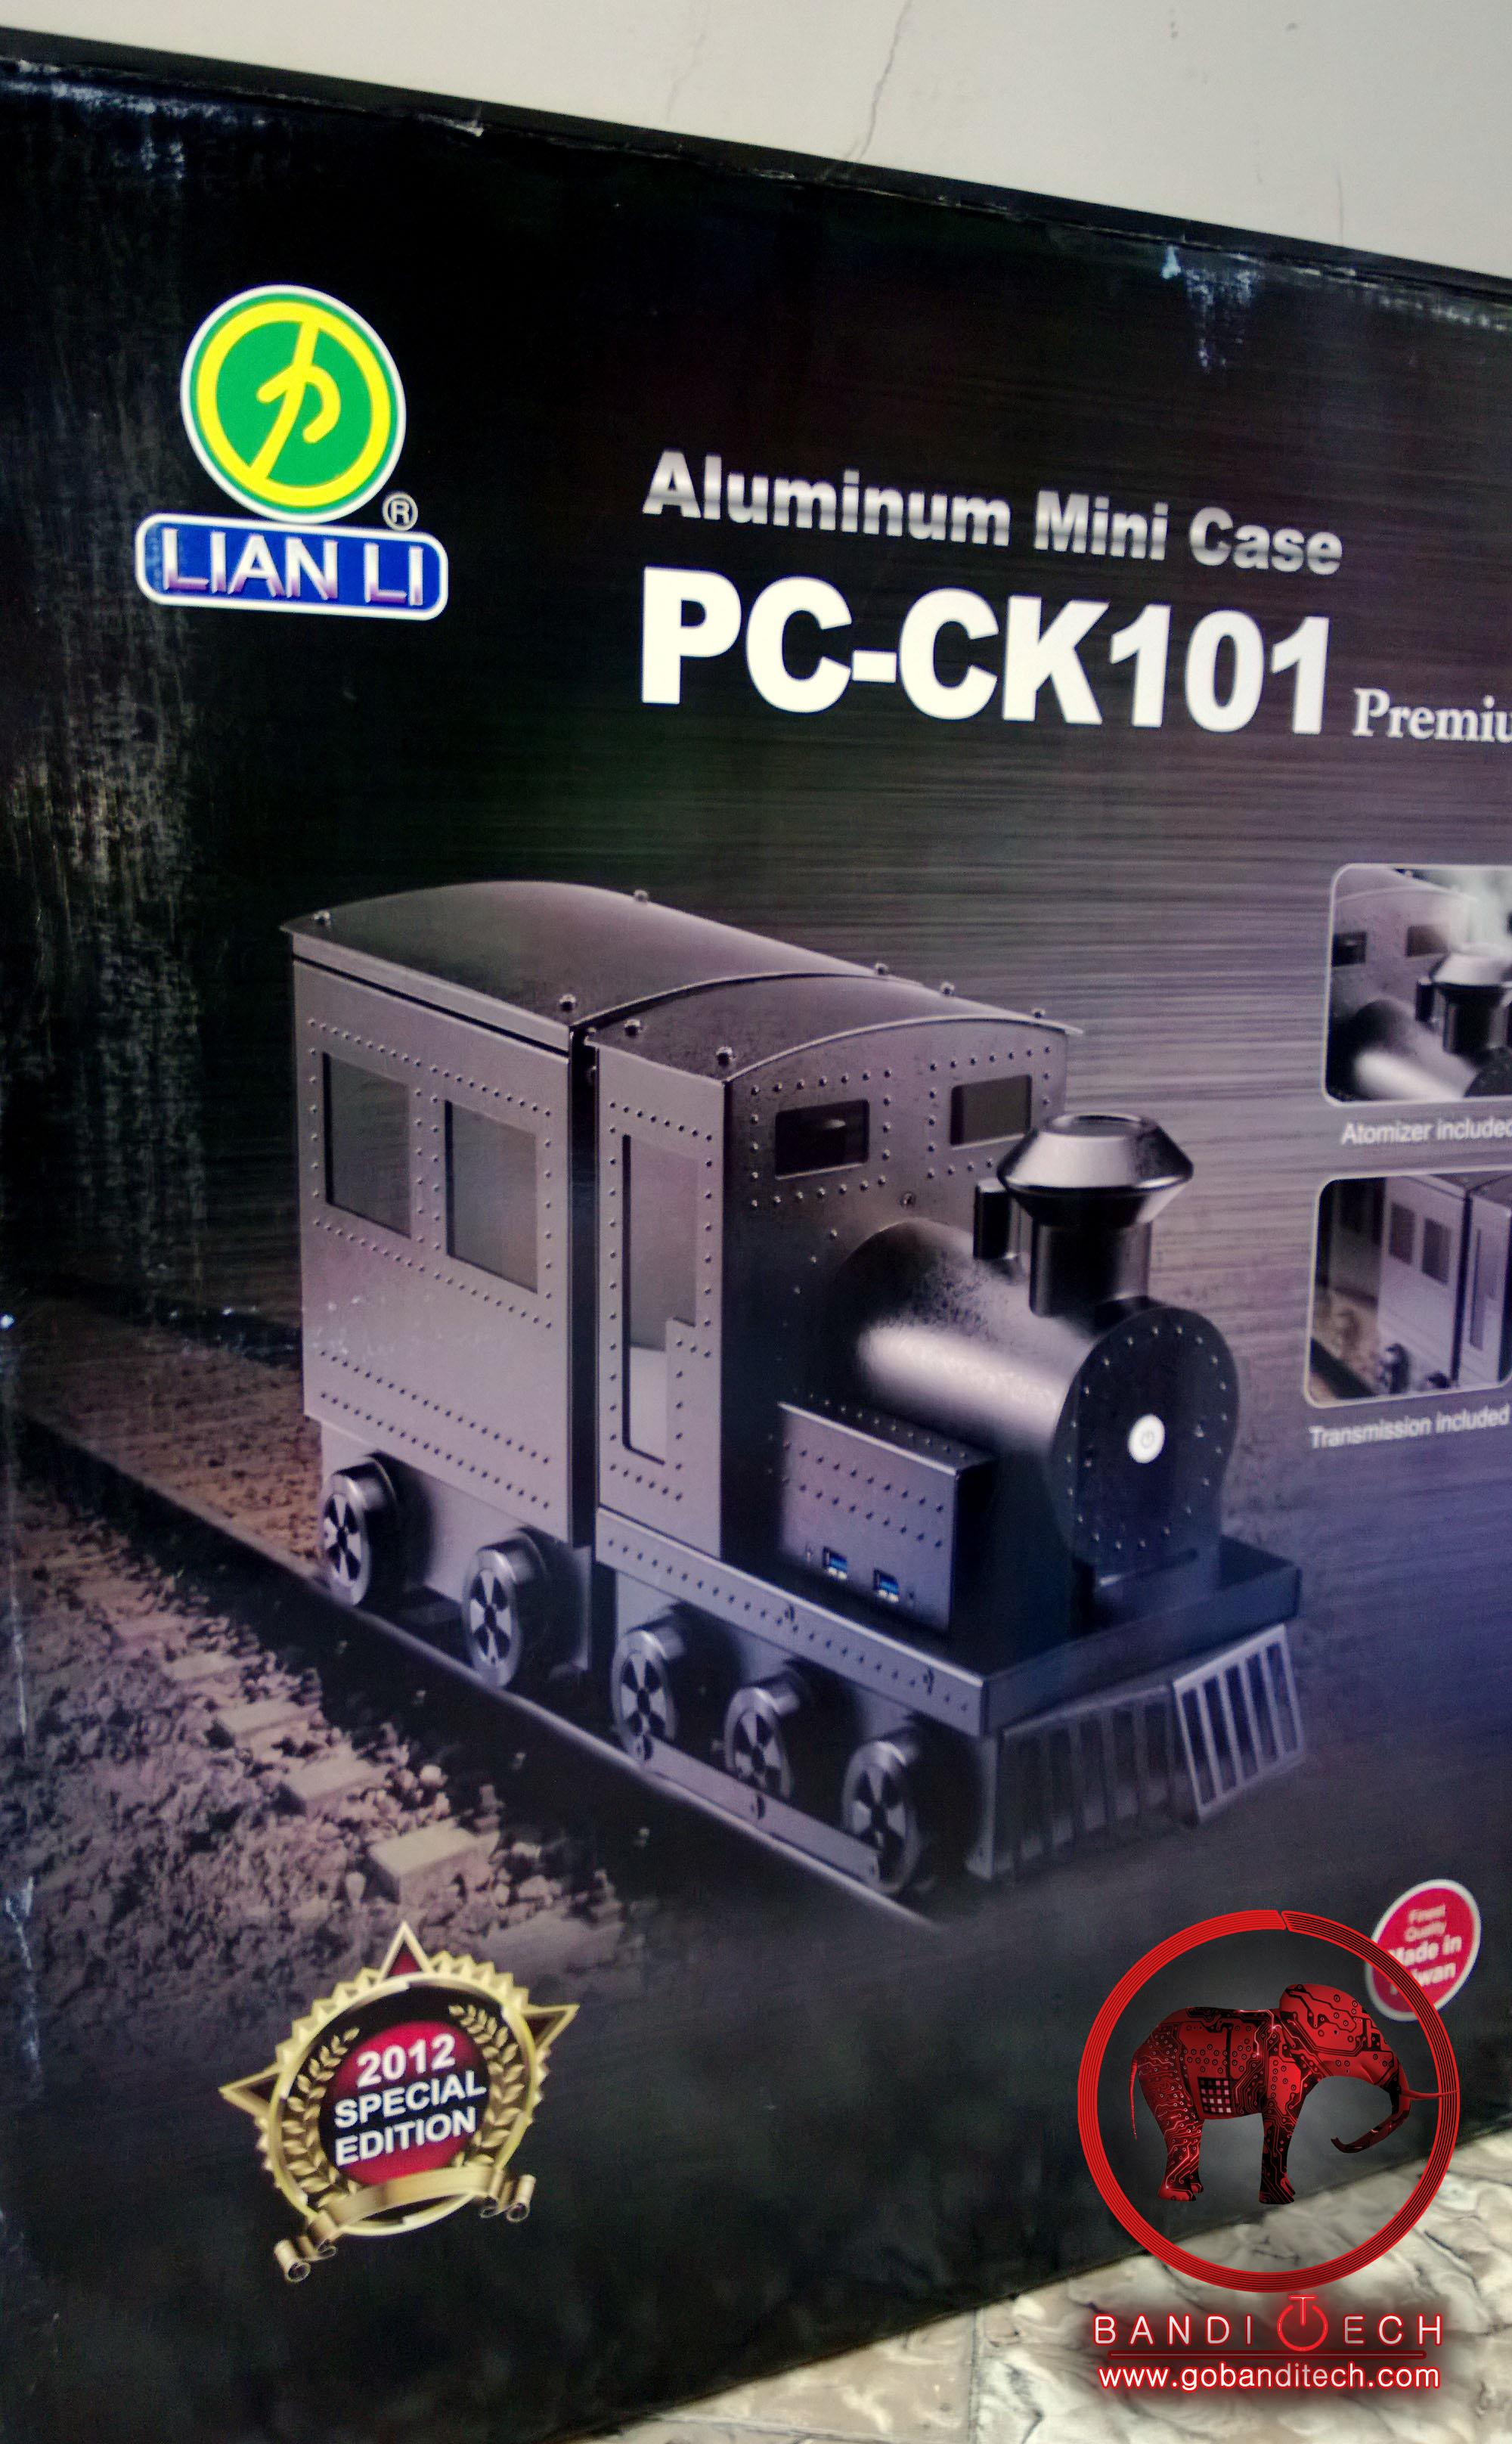 Lian Li PC-CK101 - Bandi Train (4).jpg